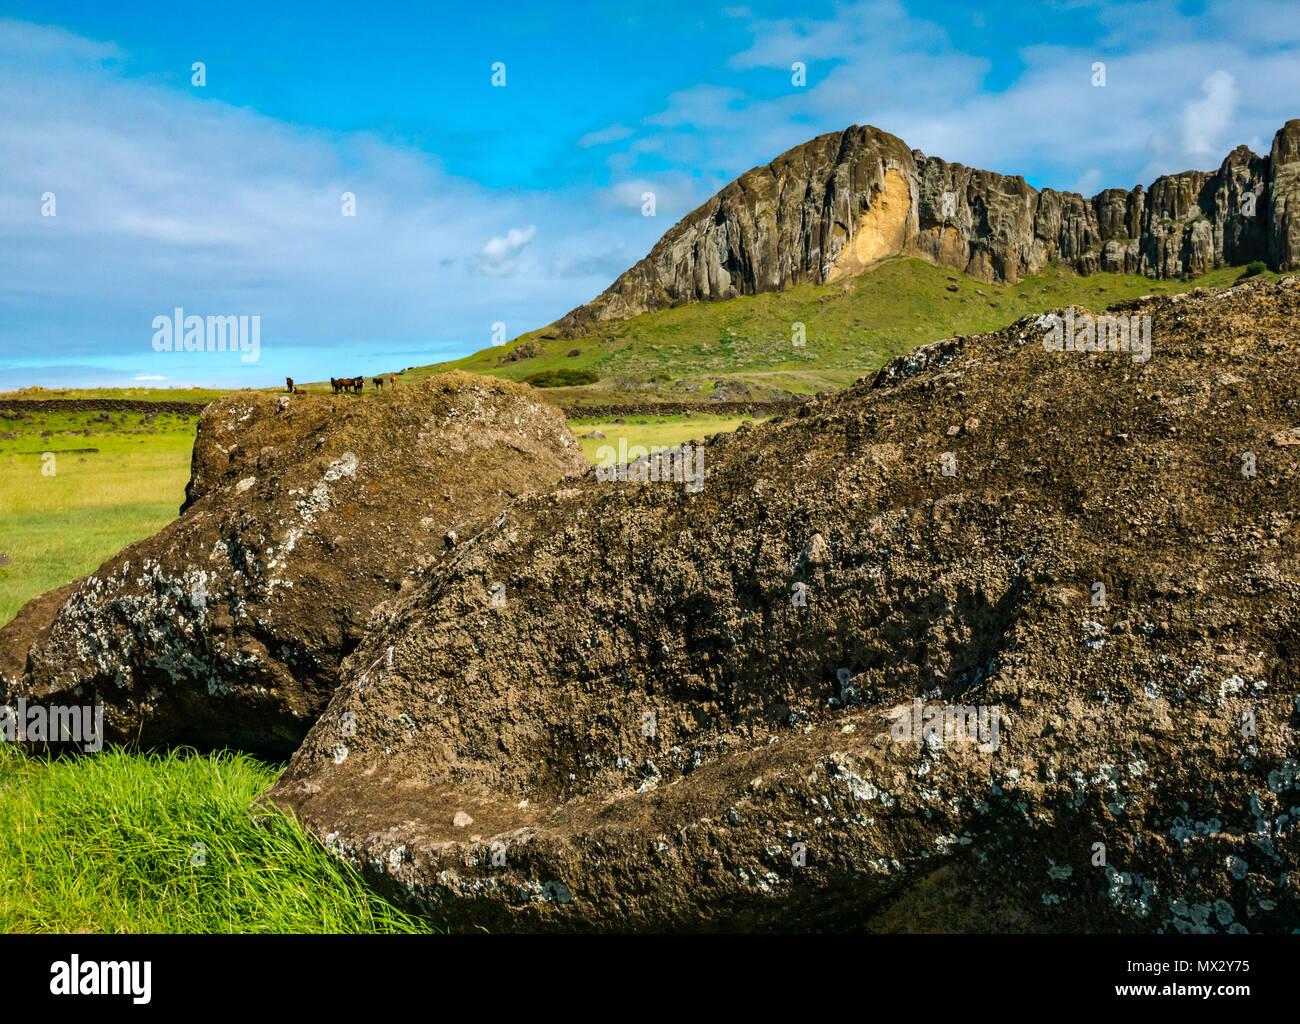 Caduto il moai testa, Tongariki sito archeologico con ripida scogliera di Rano Raraku vulcano estinto cratere, sito di Moai testa cava, Isola di Pasqua, Cile Immagini Stock